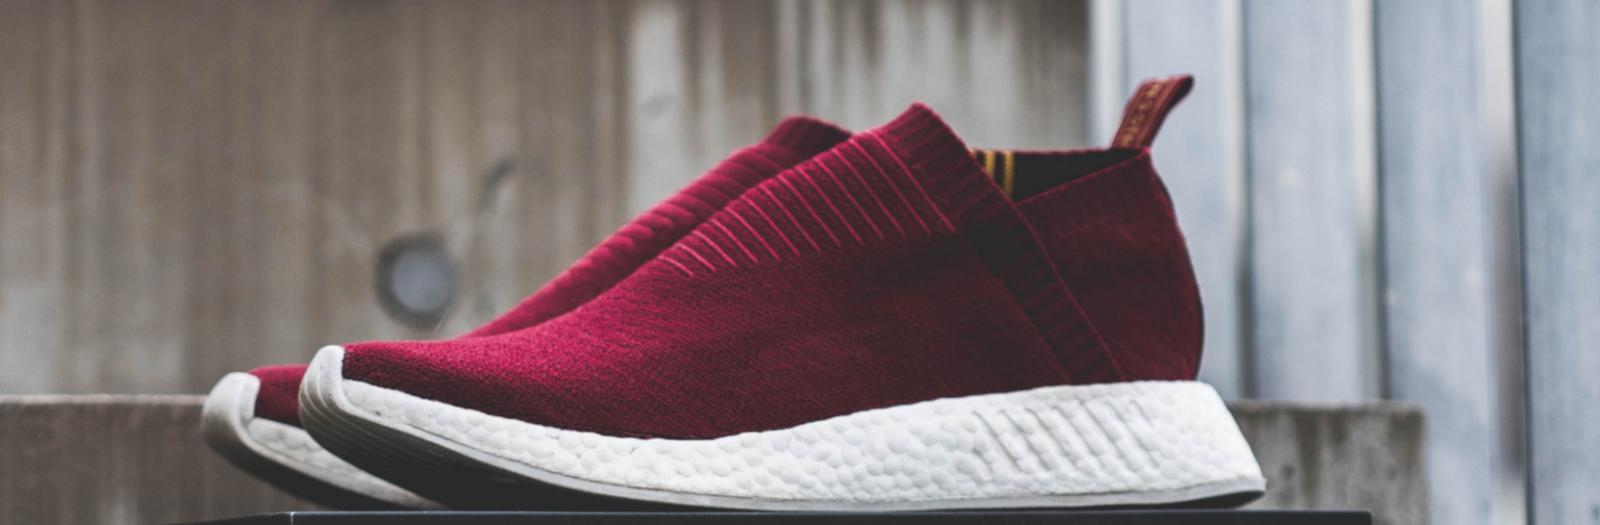 pair of red sneakers